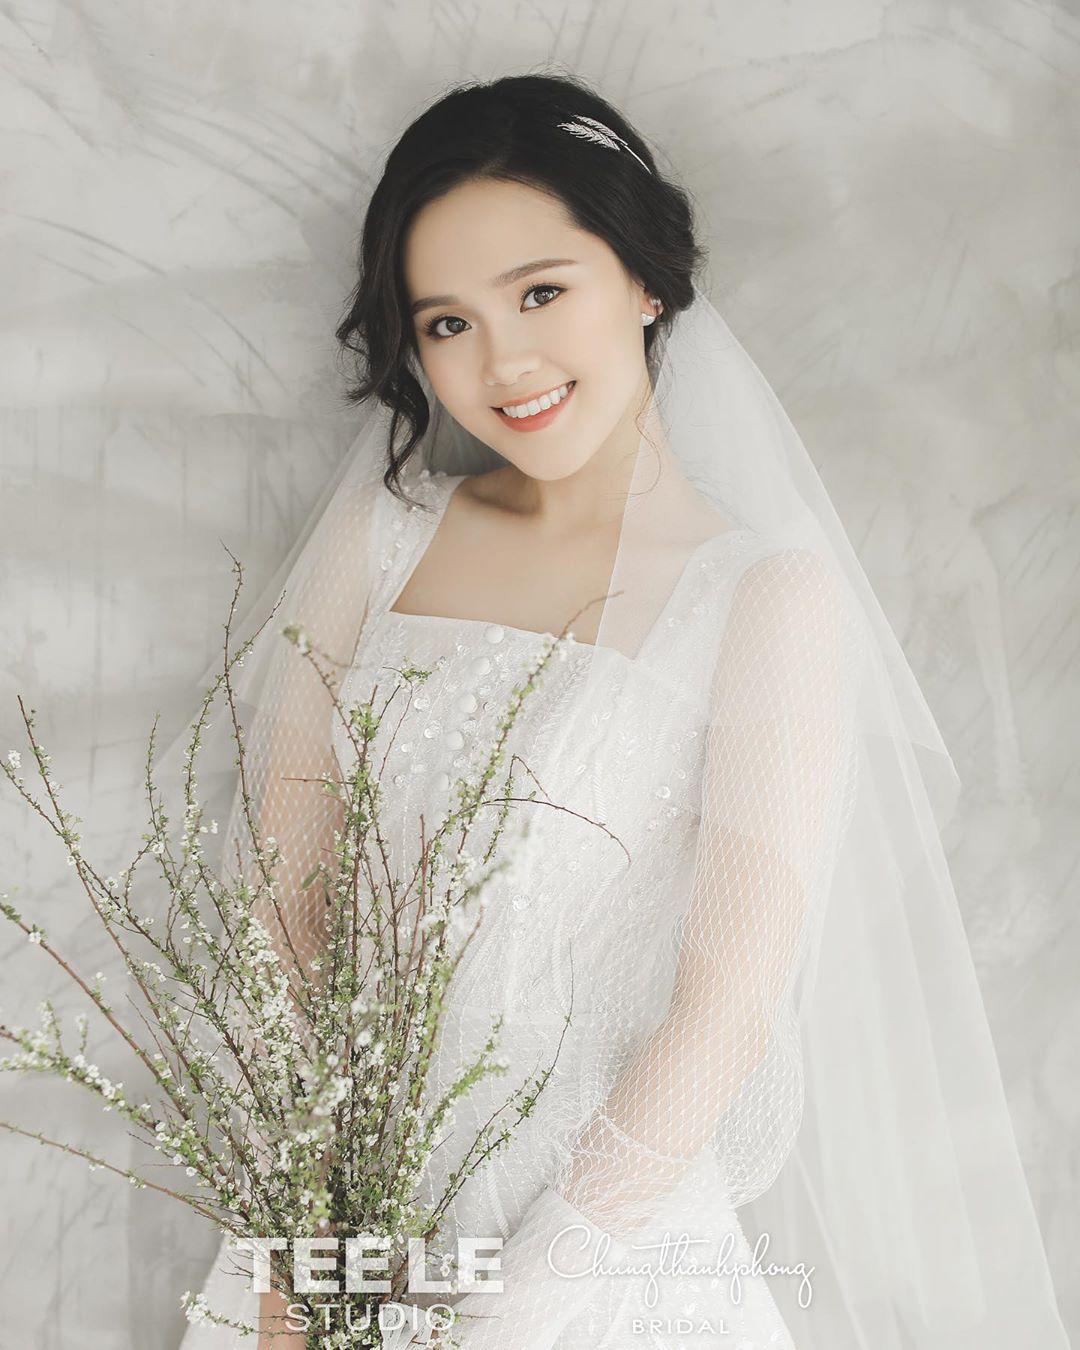 Duy Mạnh tuyên bố toang đời độc thân, chính thức tiết lộ ngày cưới với Quỳnh Anh